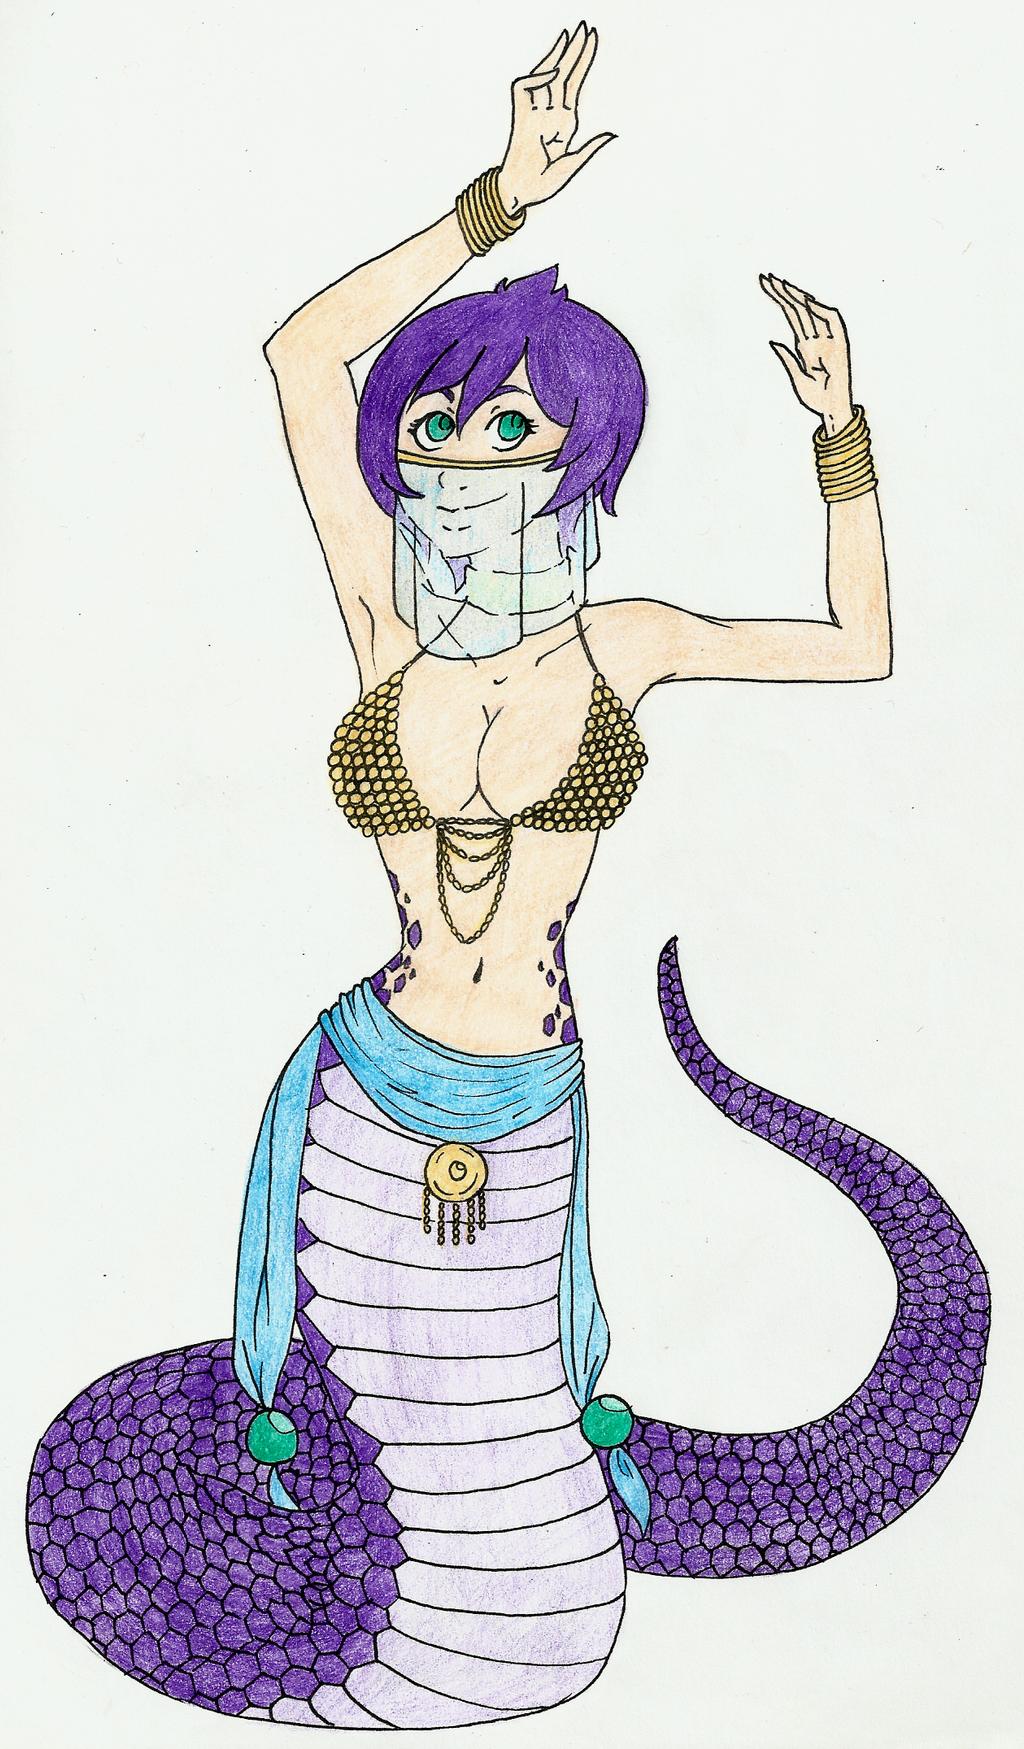 The Snake Charmer by Nadalien